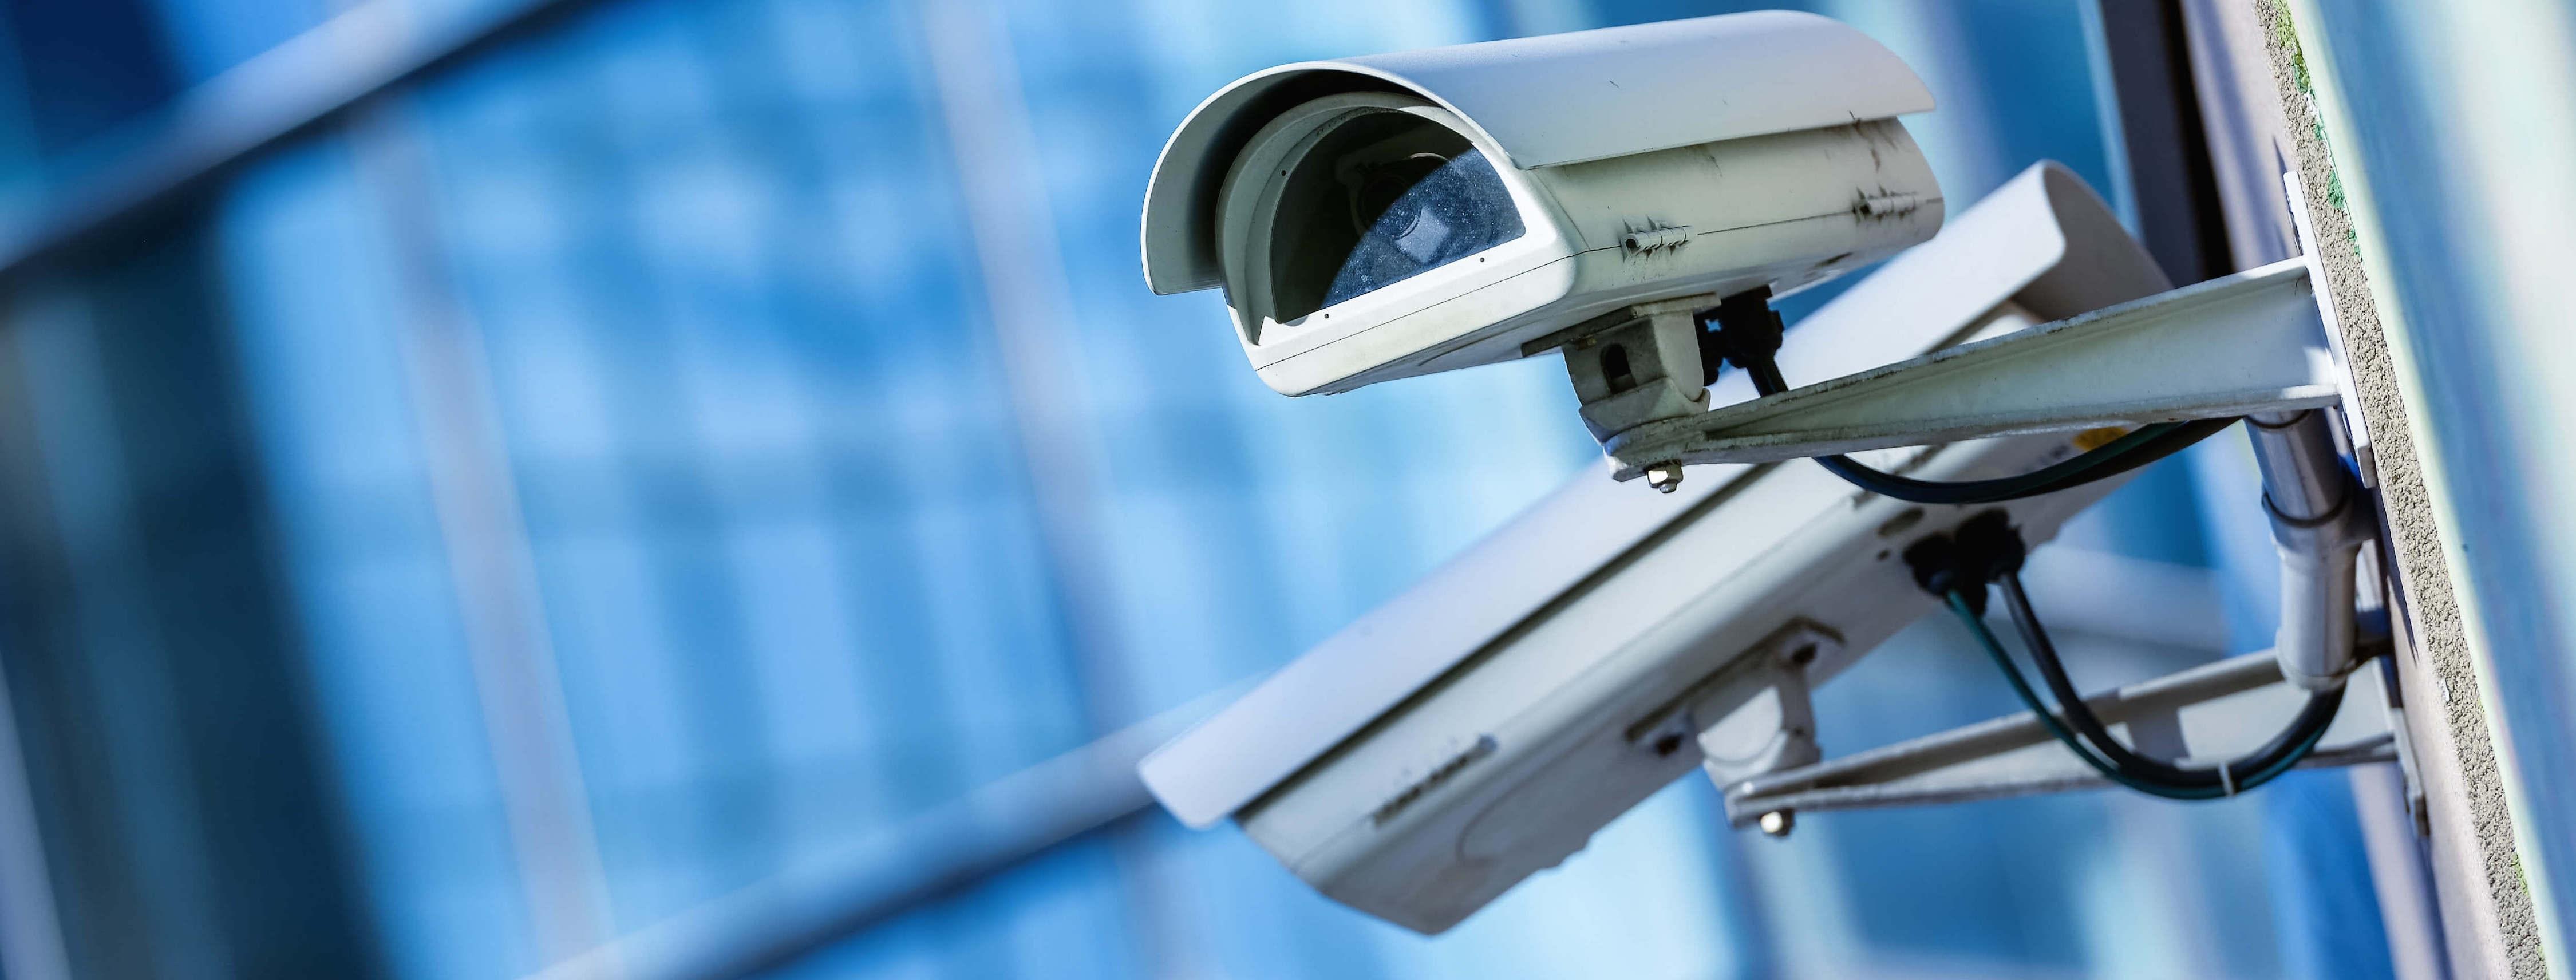 Відеокамери для дому